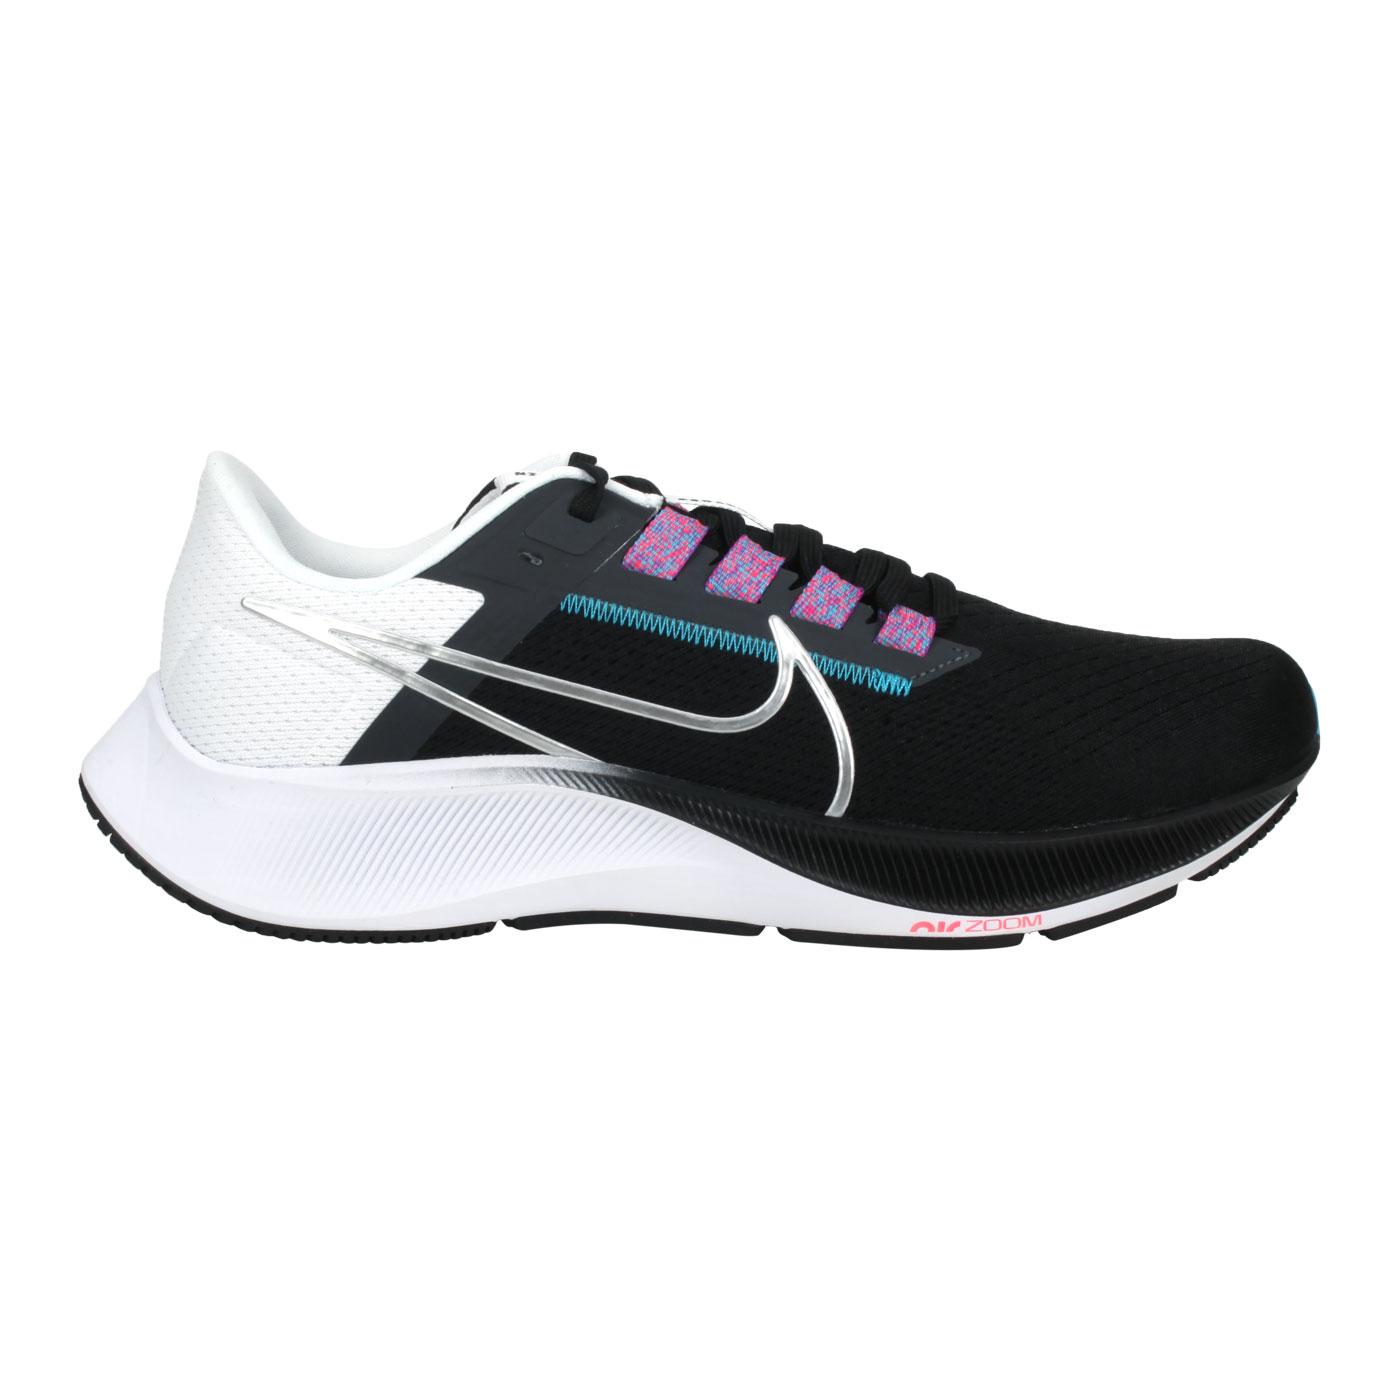 NIKE 男款運動慢跑鞋  @AIR ZOOM PEGASUS 38@CW7356003 - 黑白藍紫